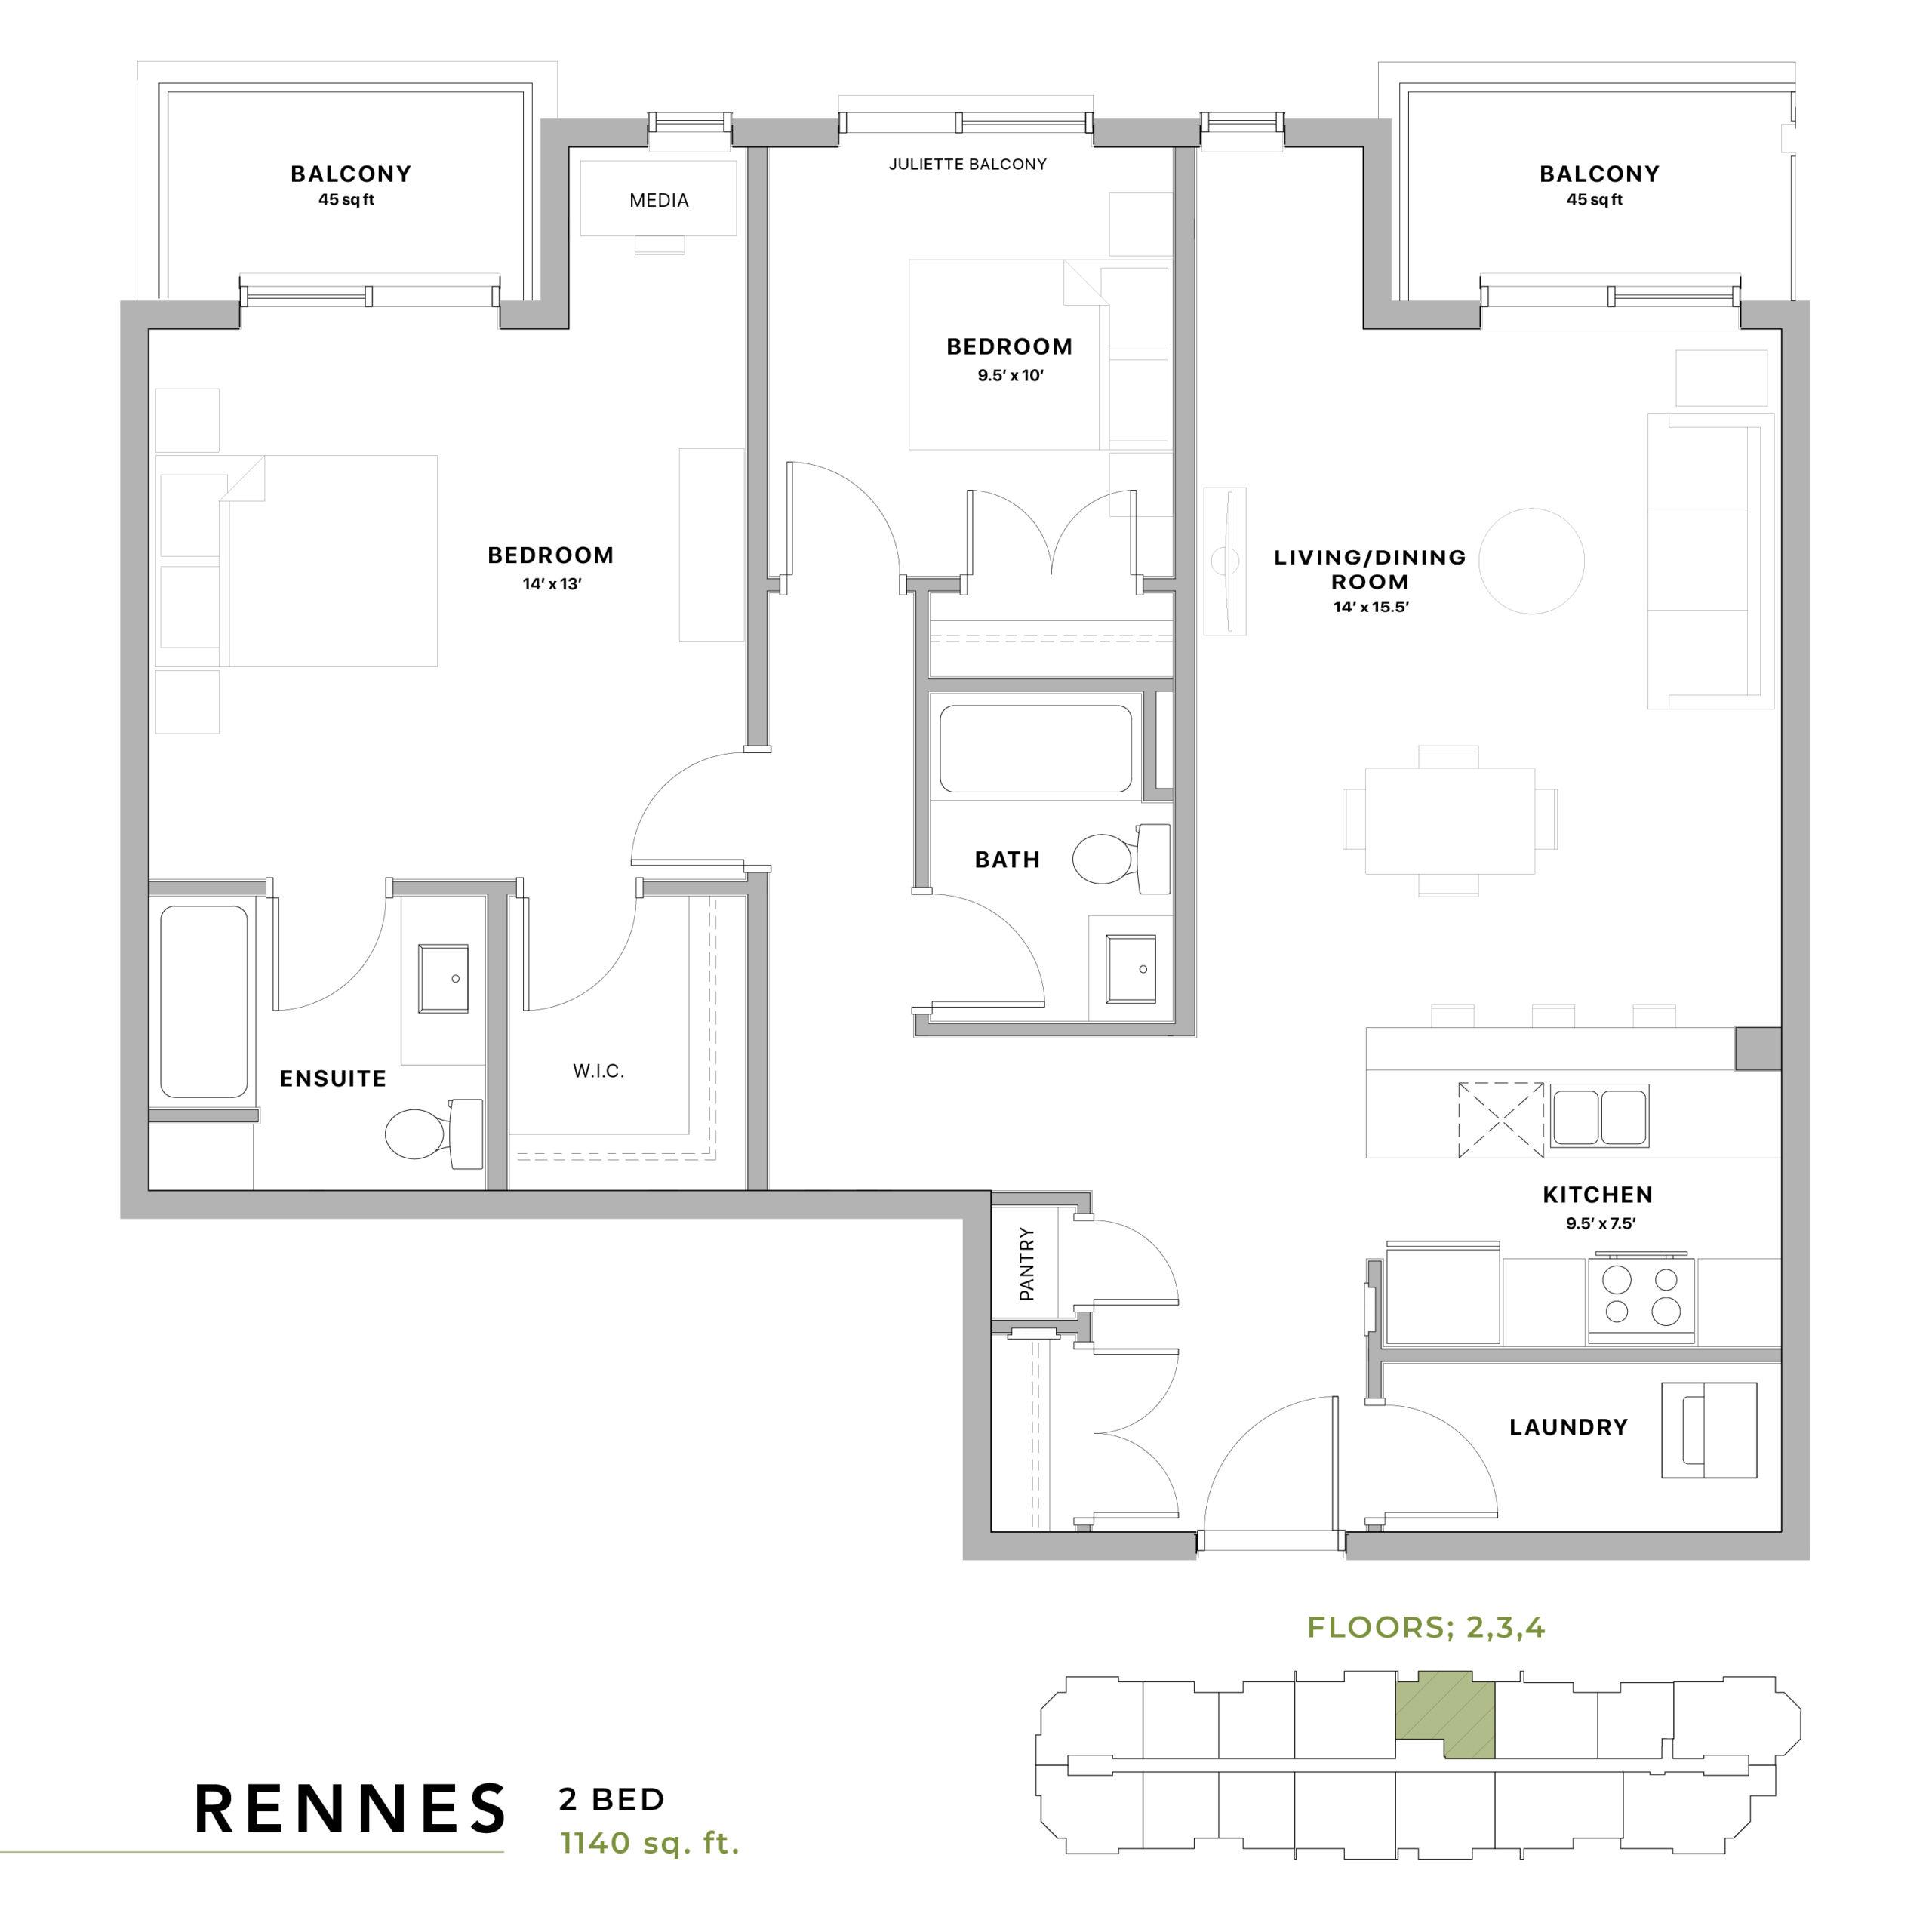 Rennes Floorplan